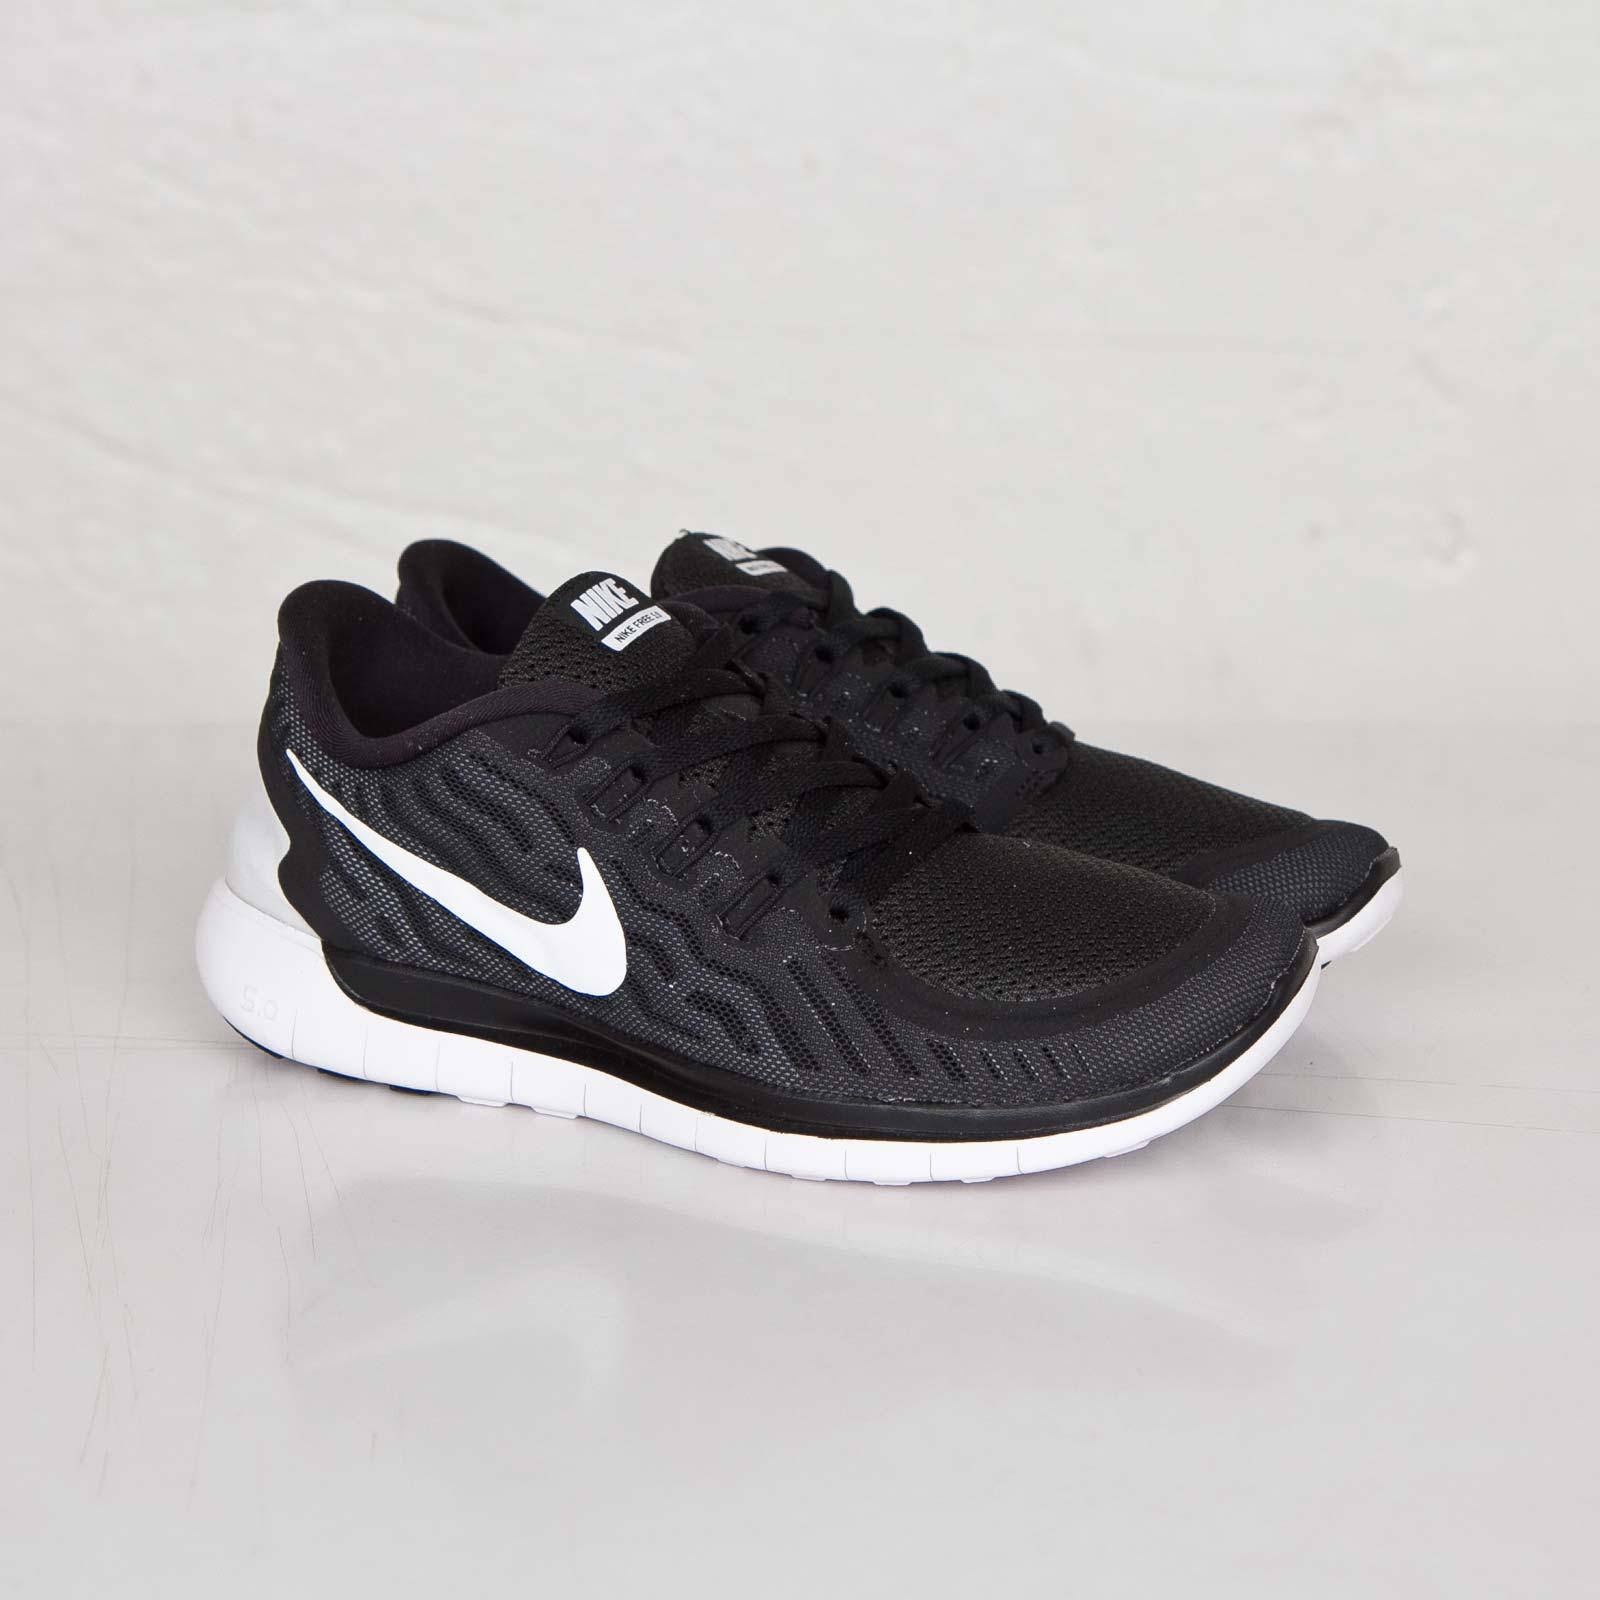 huge discount b84ea e27ea Nike Wmns Free 5.0